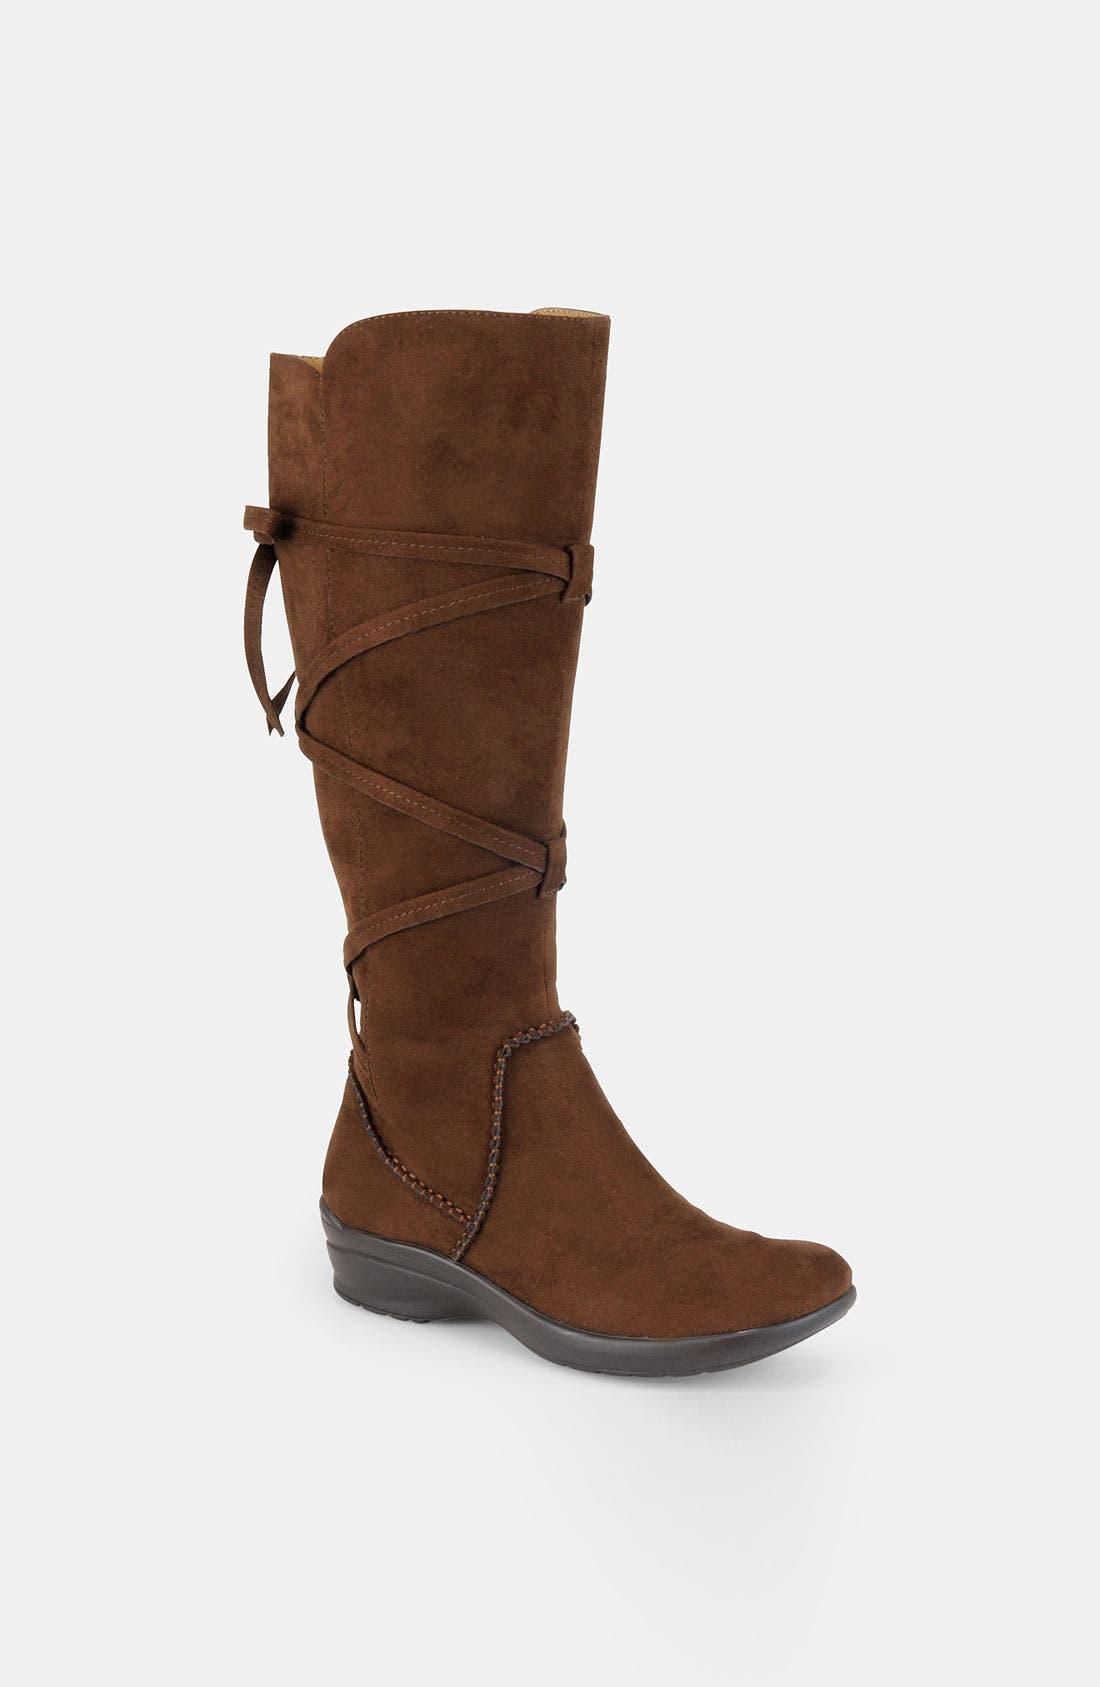 Main Image - Softspots 'Jenni' Boot